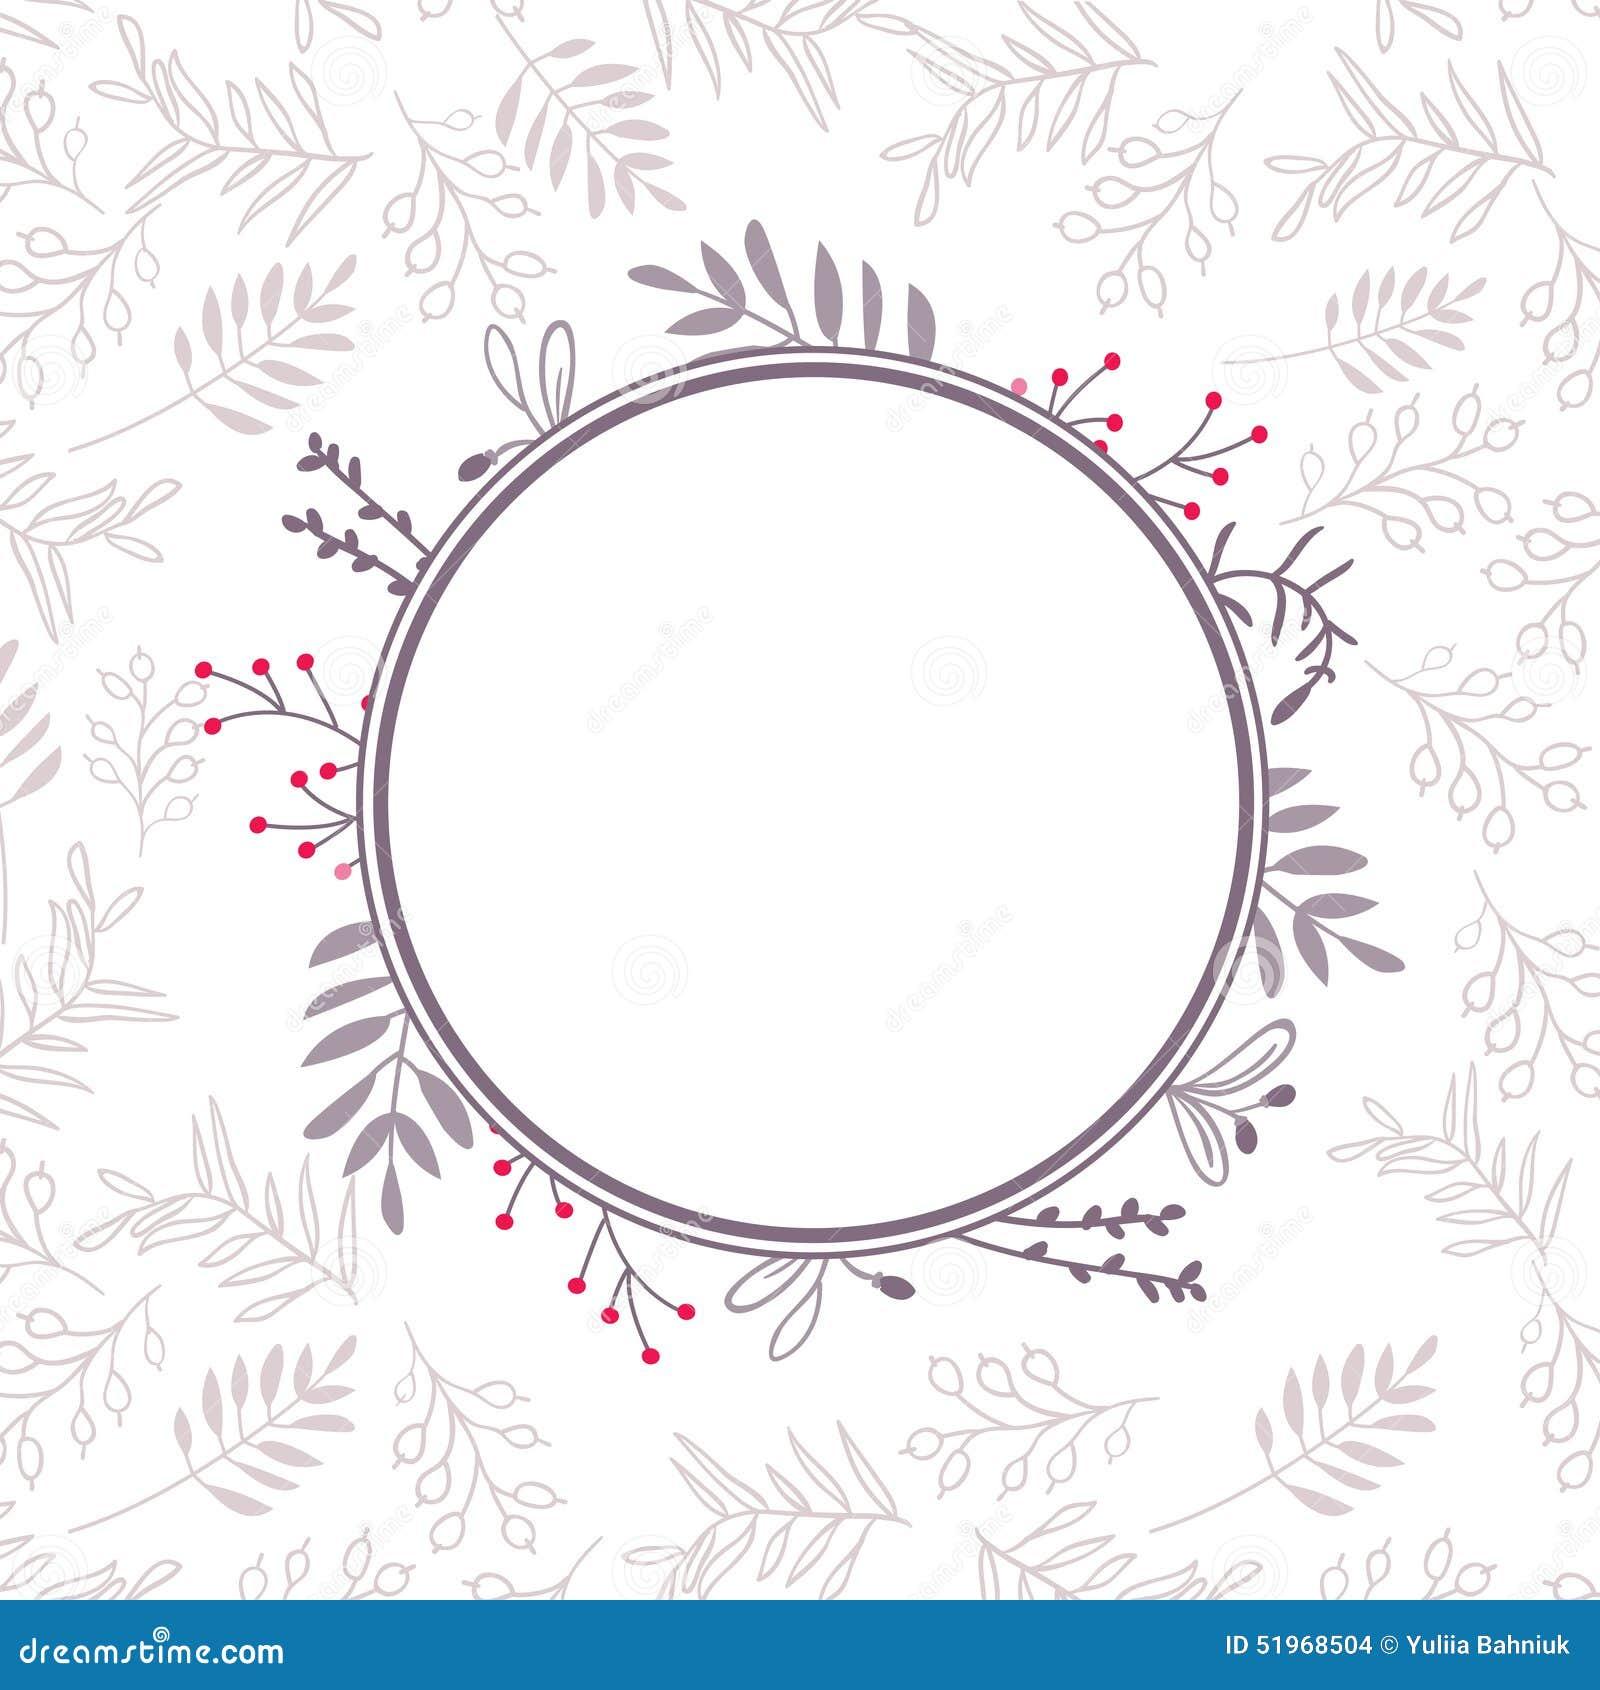 floral vector frame stock vector image 51968504 Wedding Card Frame Border Vector floral vector frame stock vector · abstract autumn banner border card wedding card frame border vector